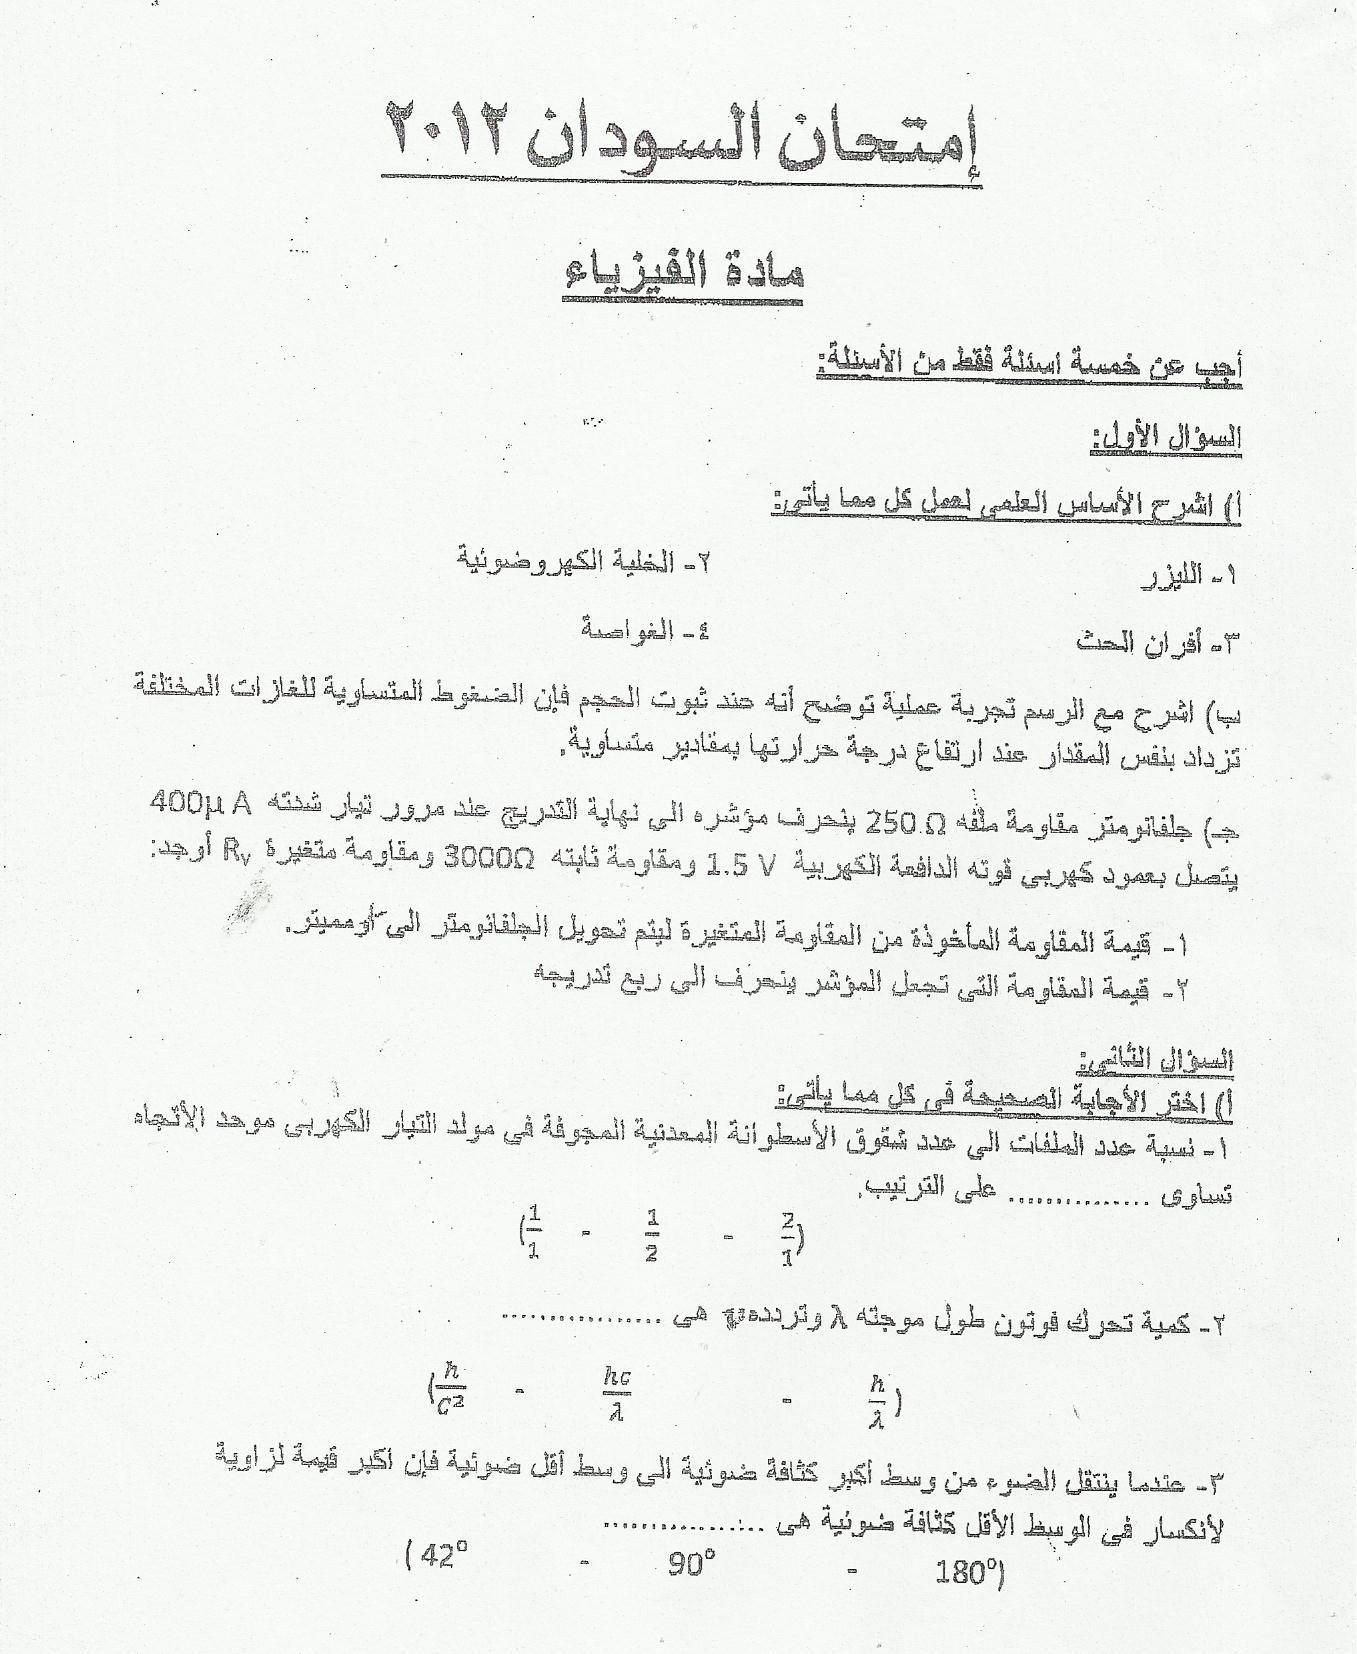 امتحان الفيزياء السودان 2012 واجاباتها